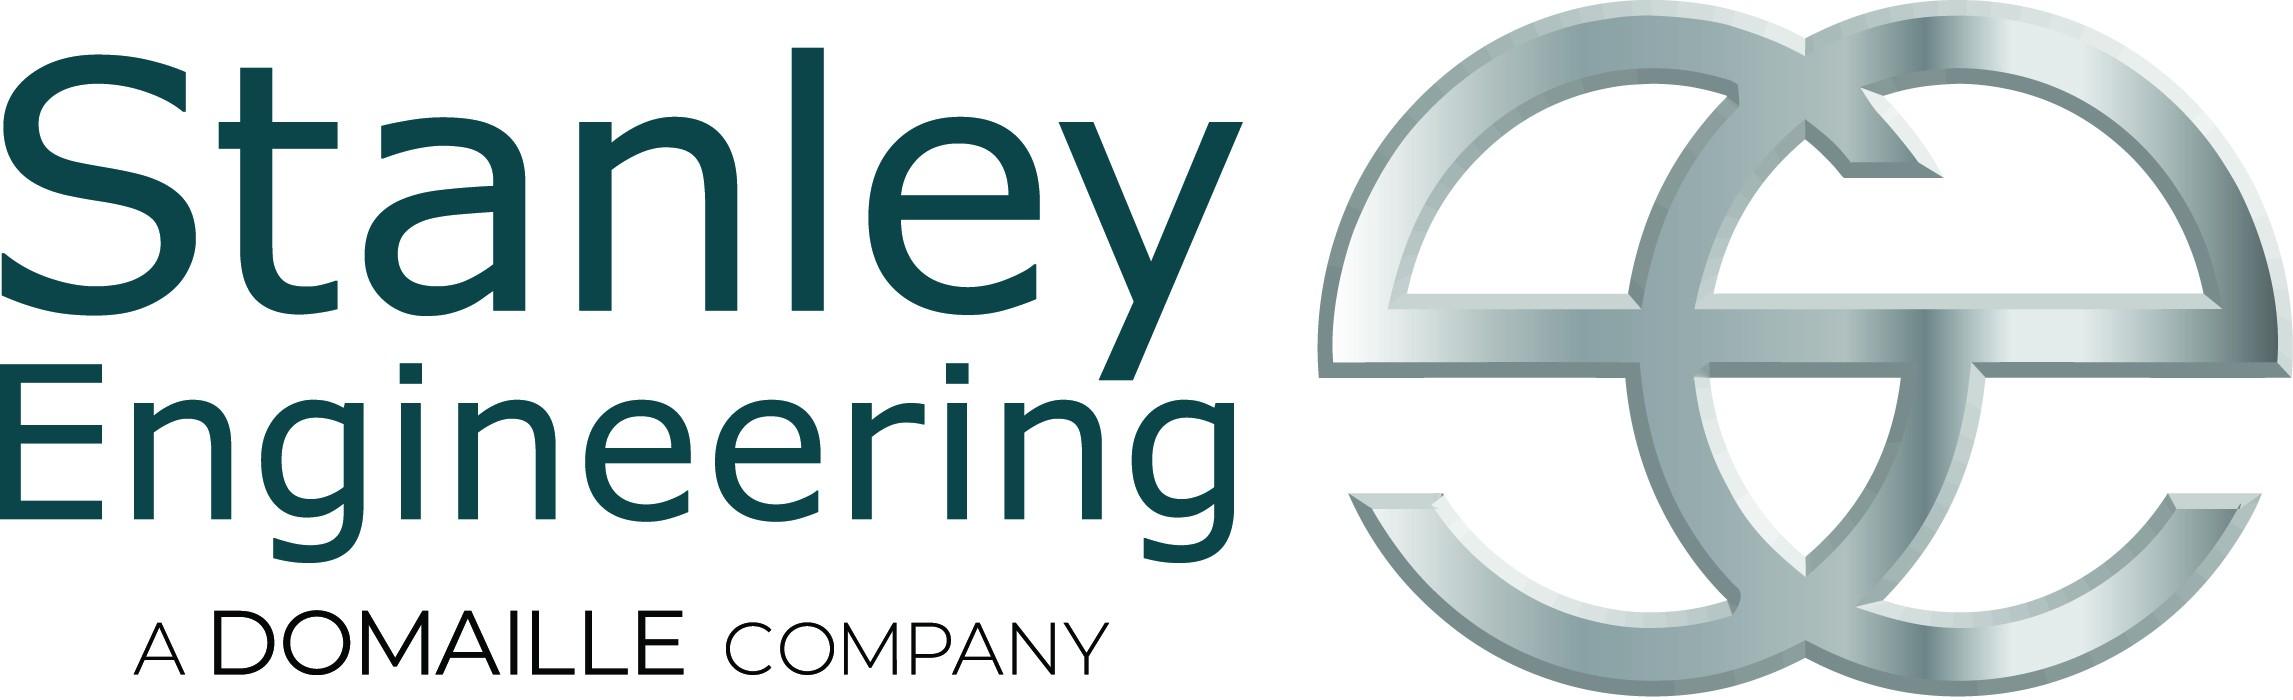 Stanley Engineering Logo